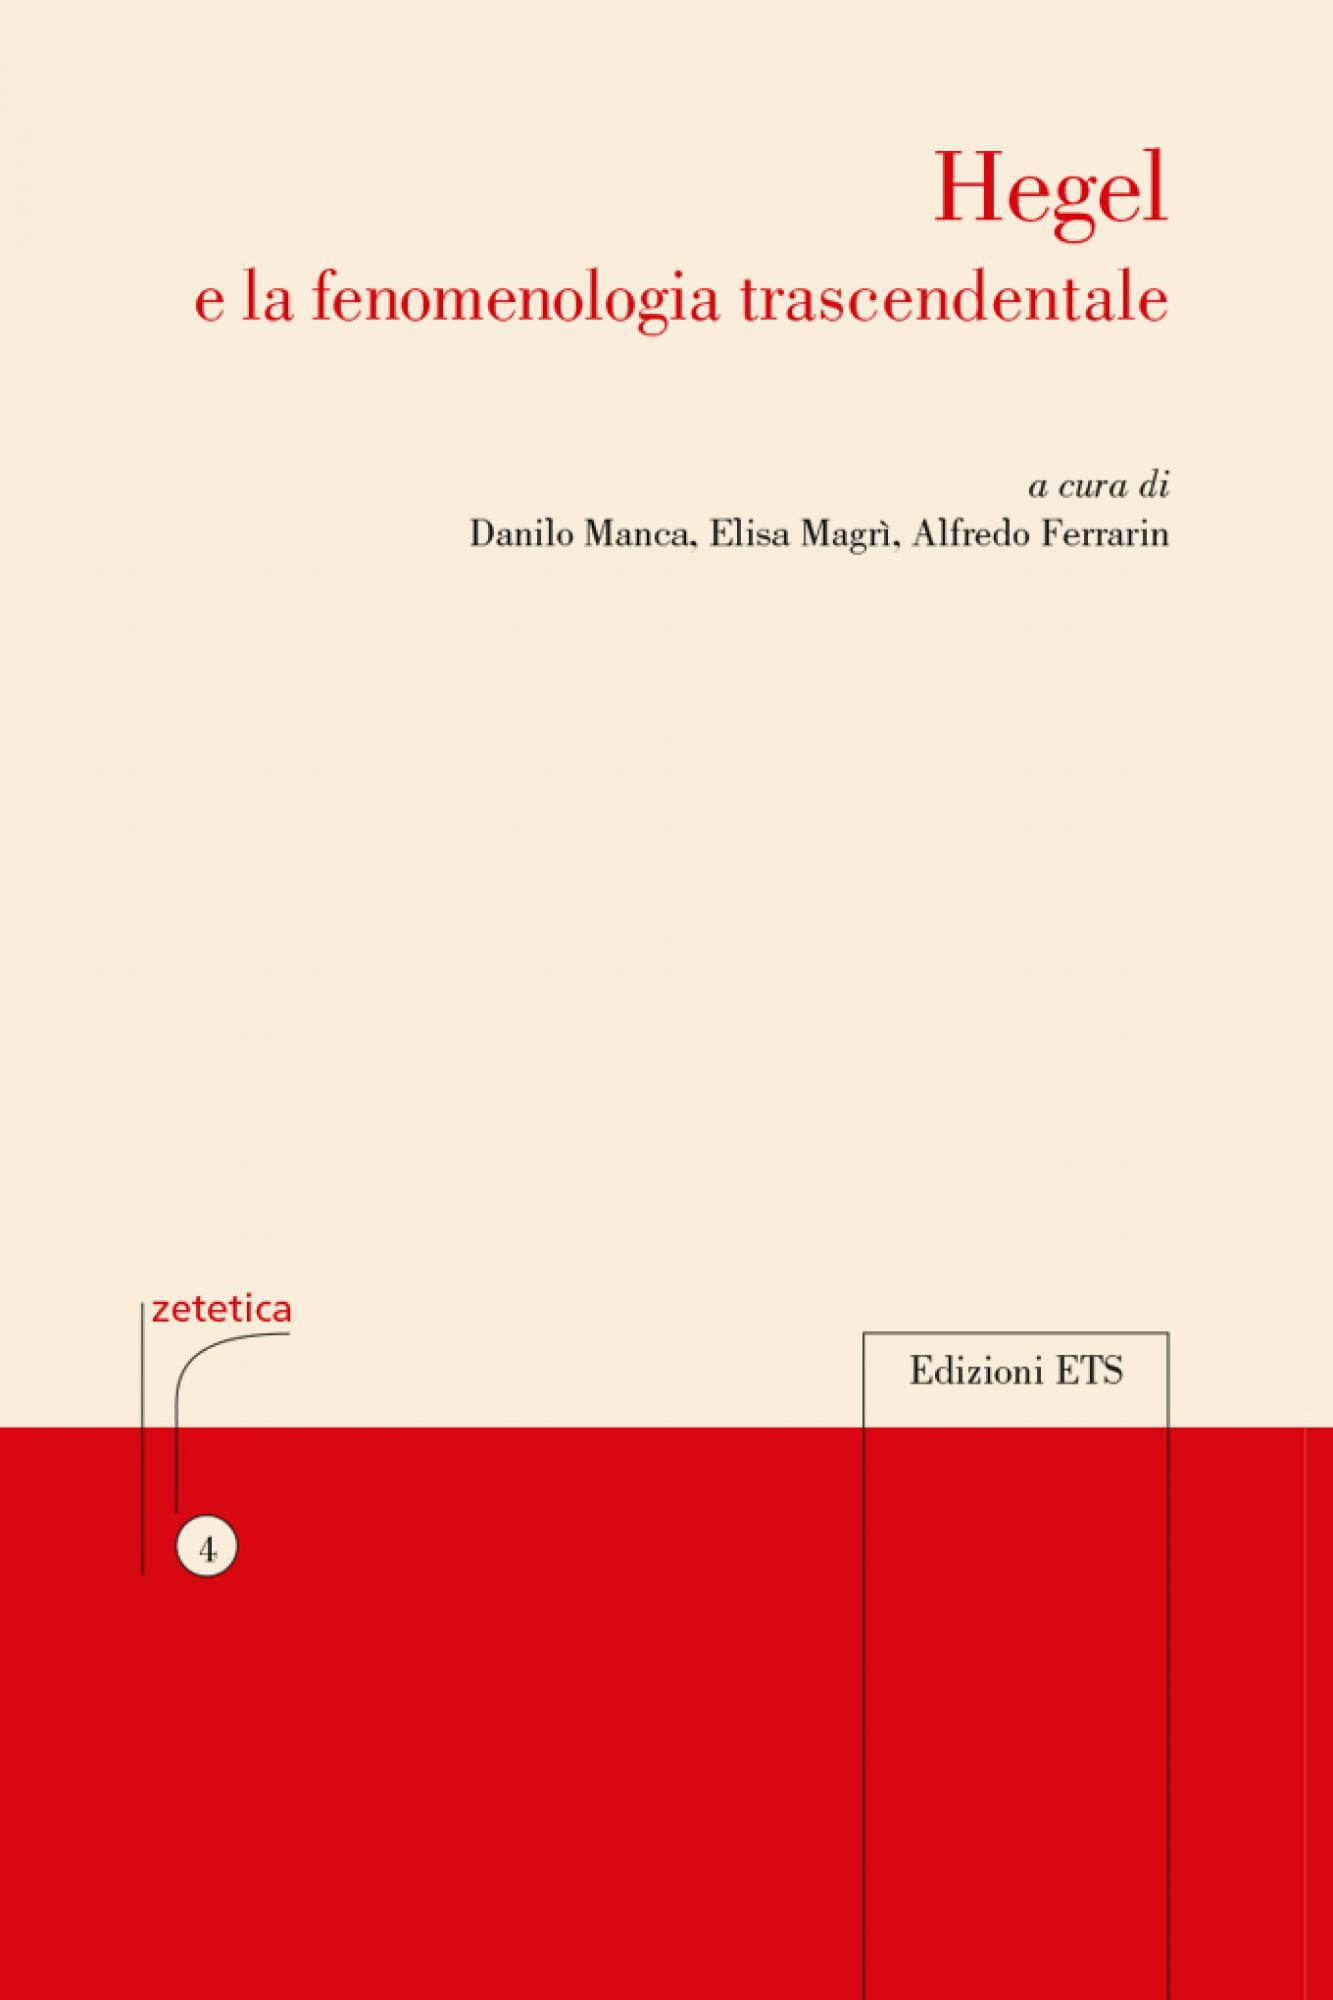 Hegel e la fenomenologia trascendentale